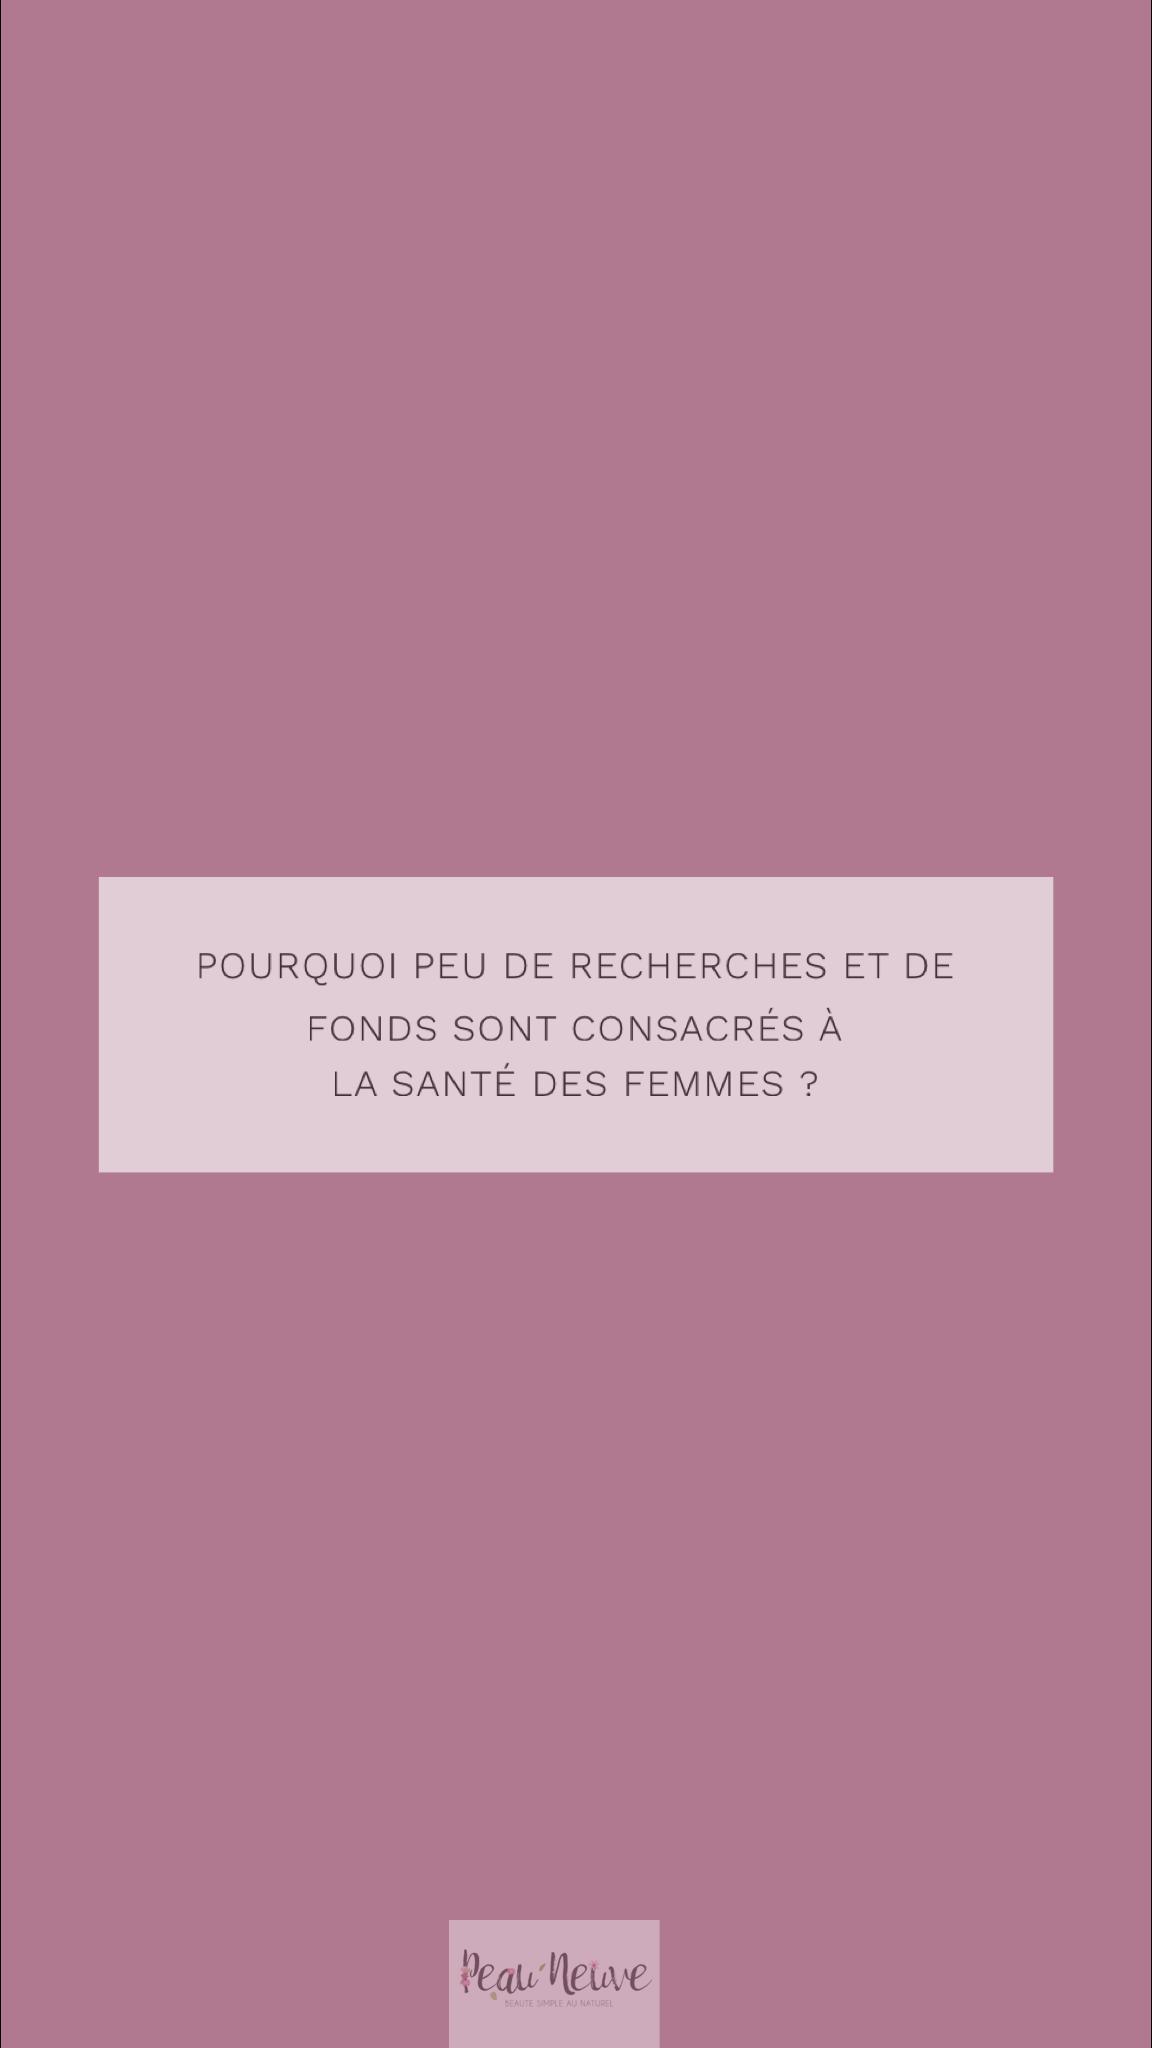 Effet De La Pilule Sur Le Corps : effet, pilule, corps, Épinglé, FEMINA, SALVARE, CYCLE, MENSTRUEL